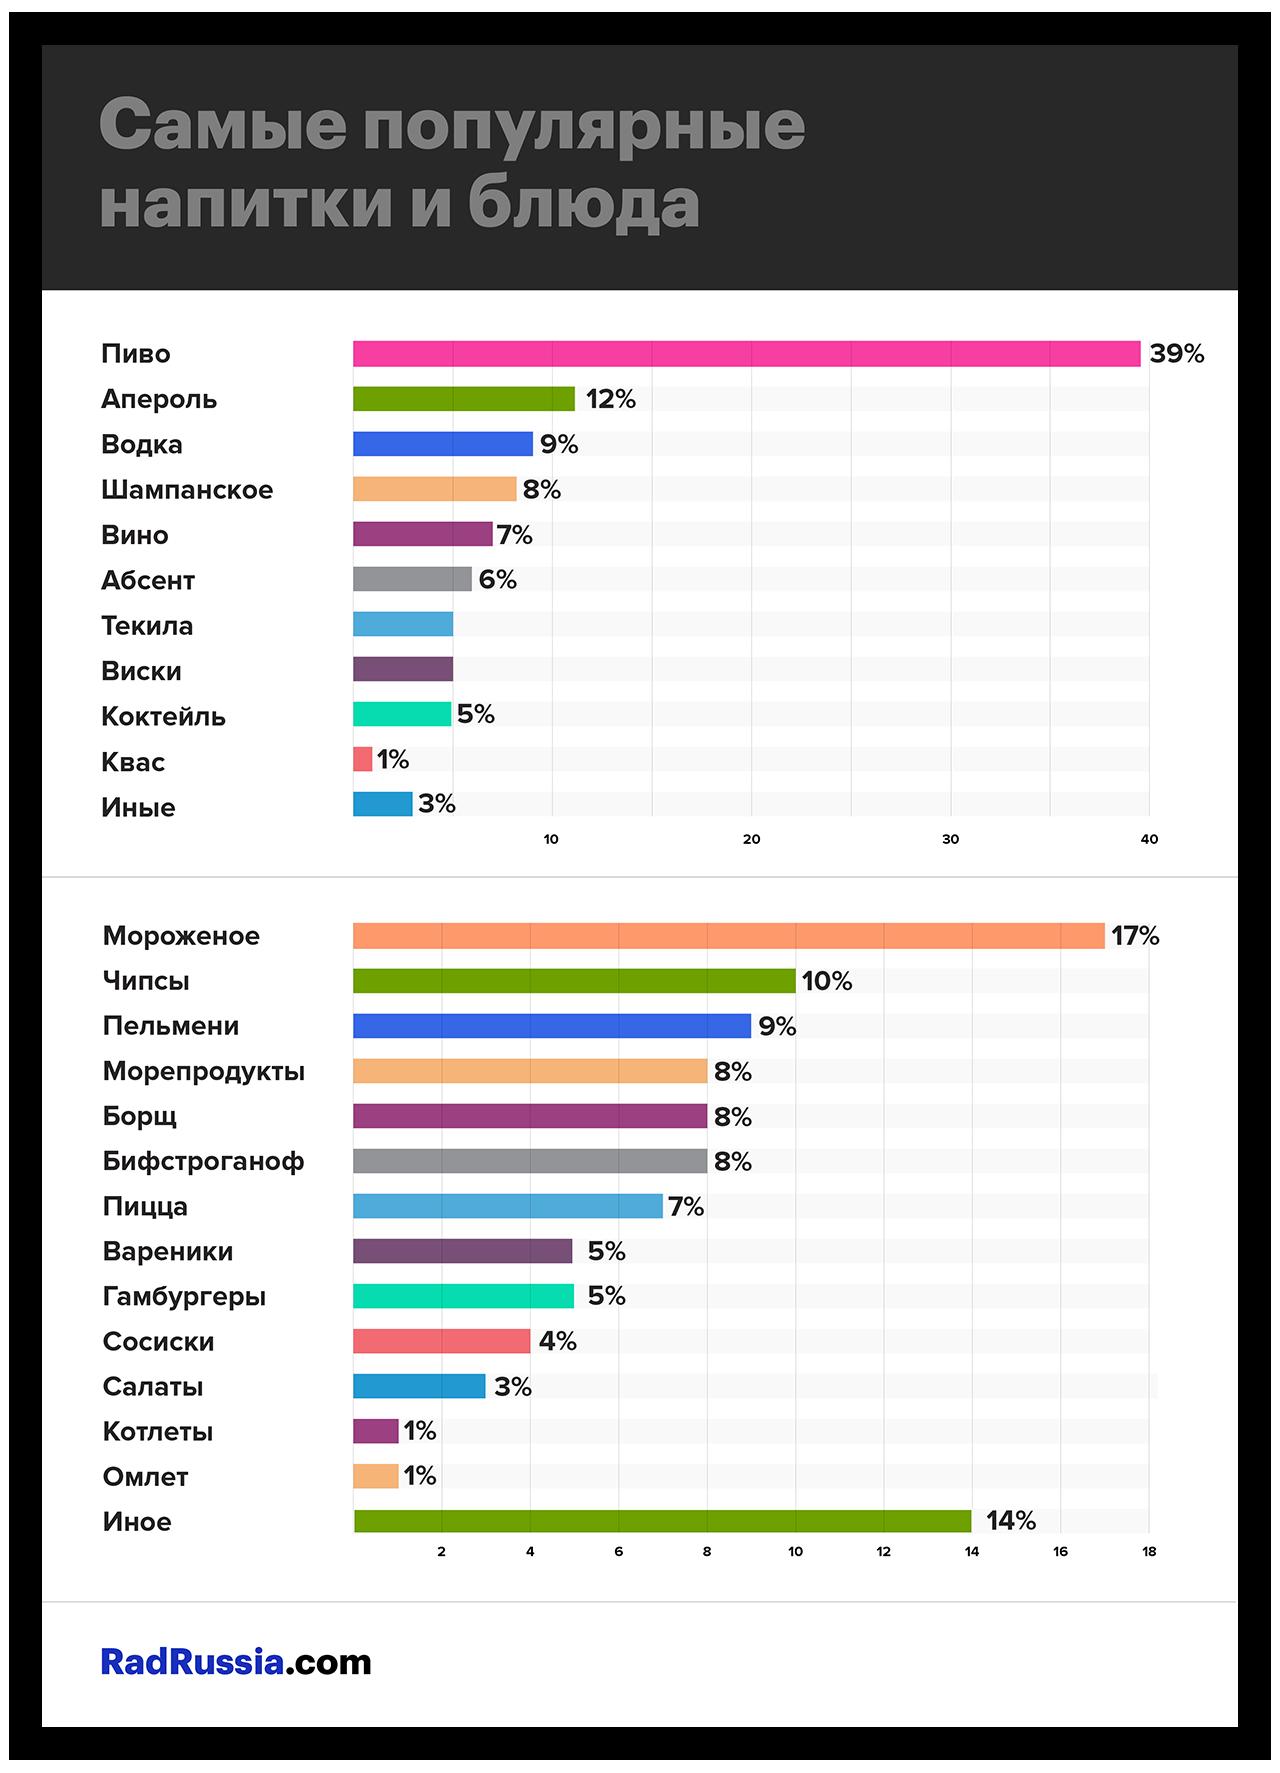 Самые популярные блюда и напитки во время ЧМ 2018